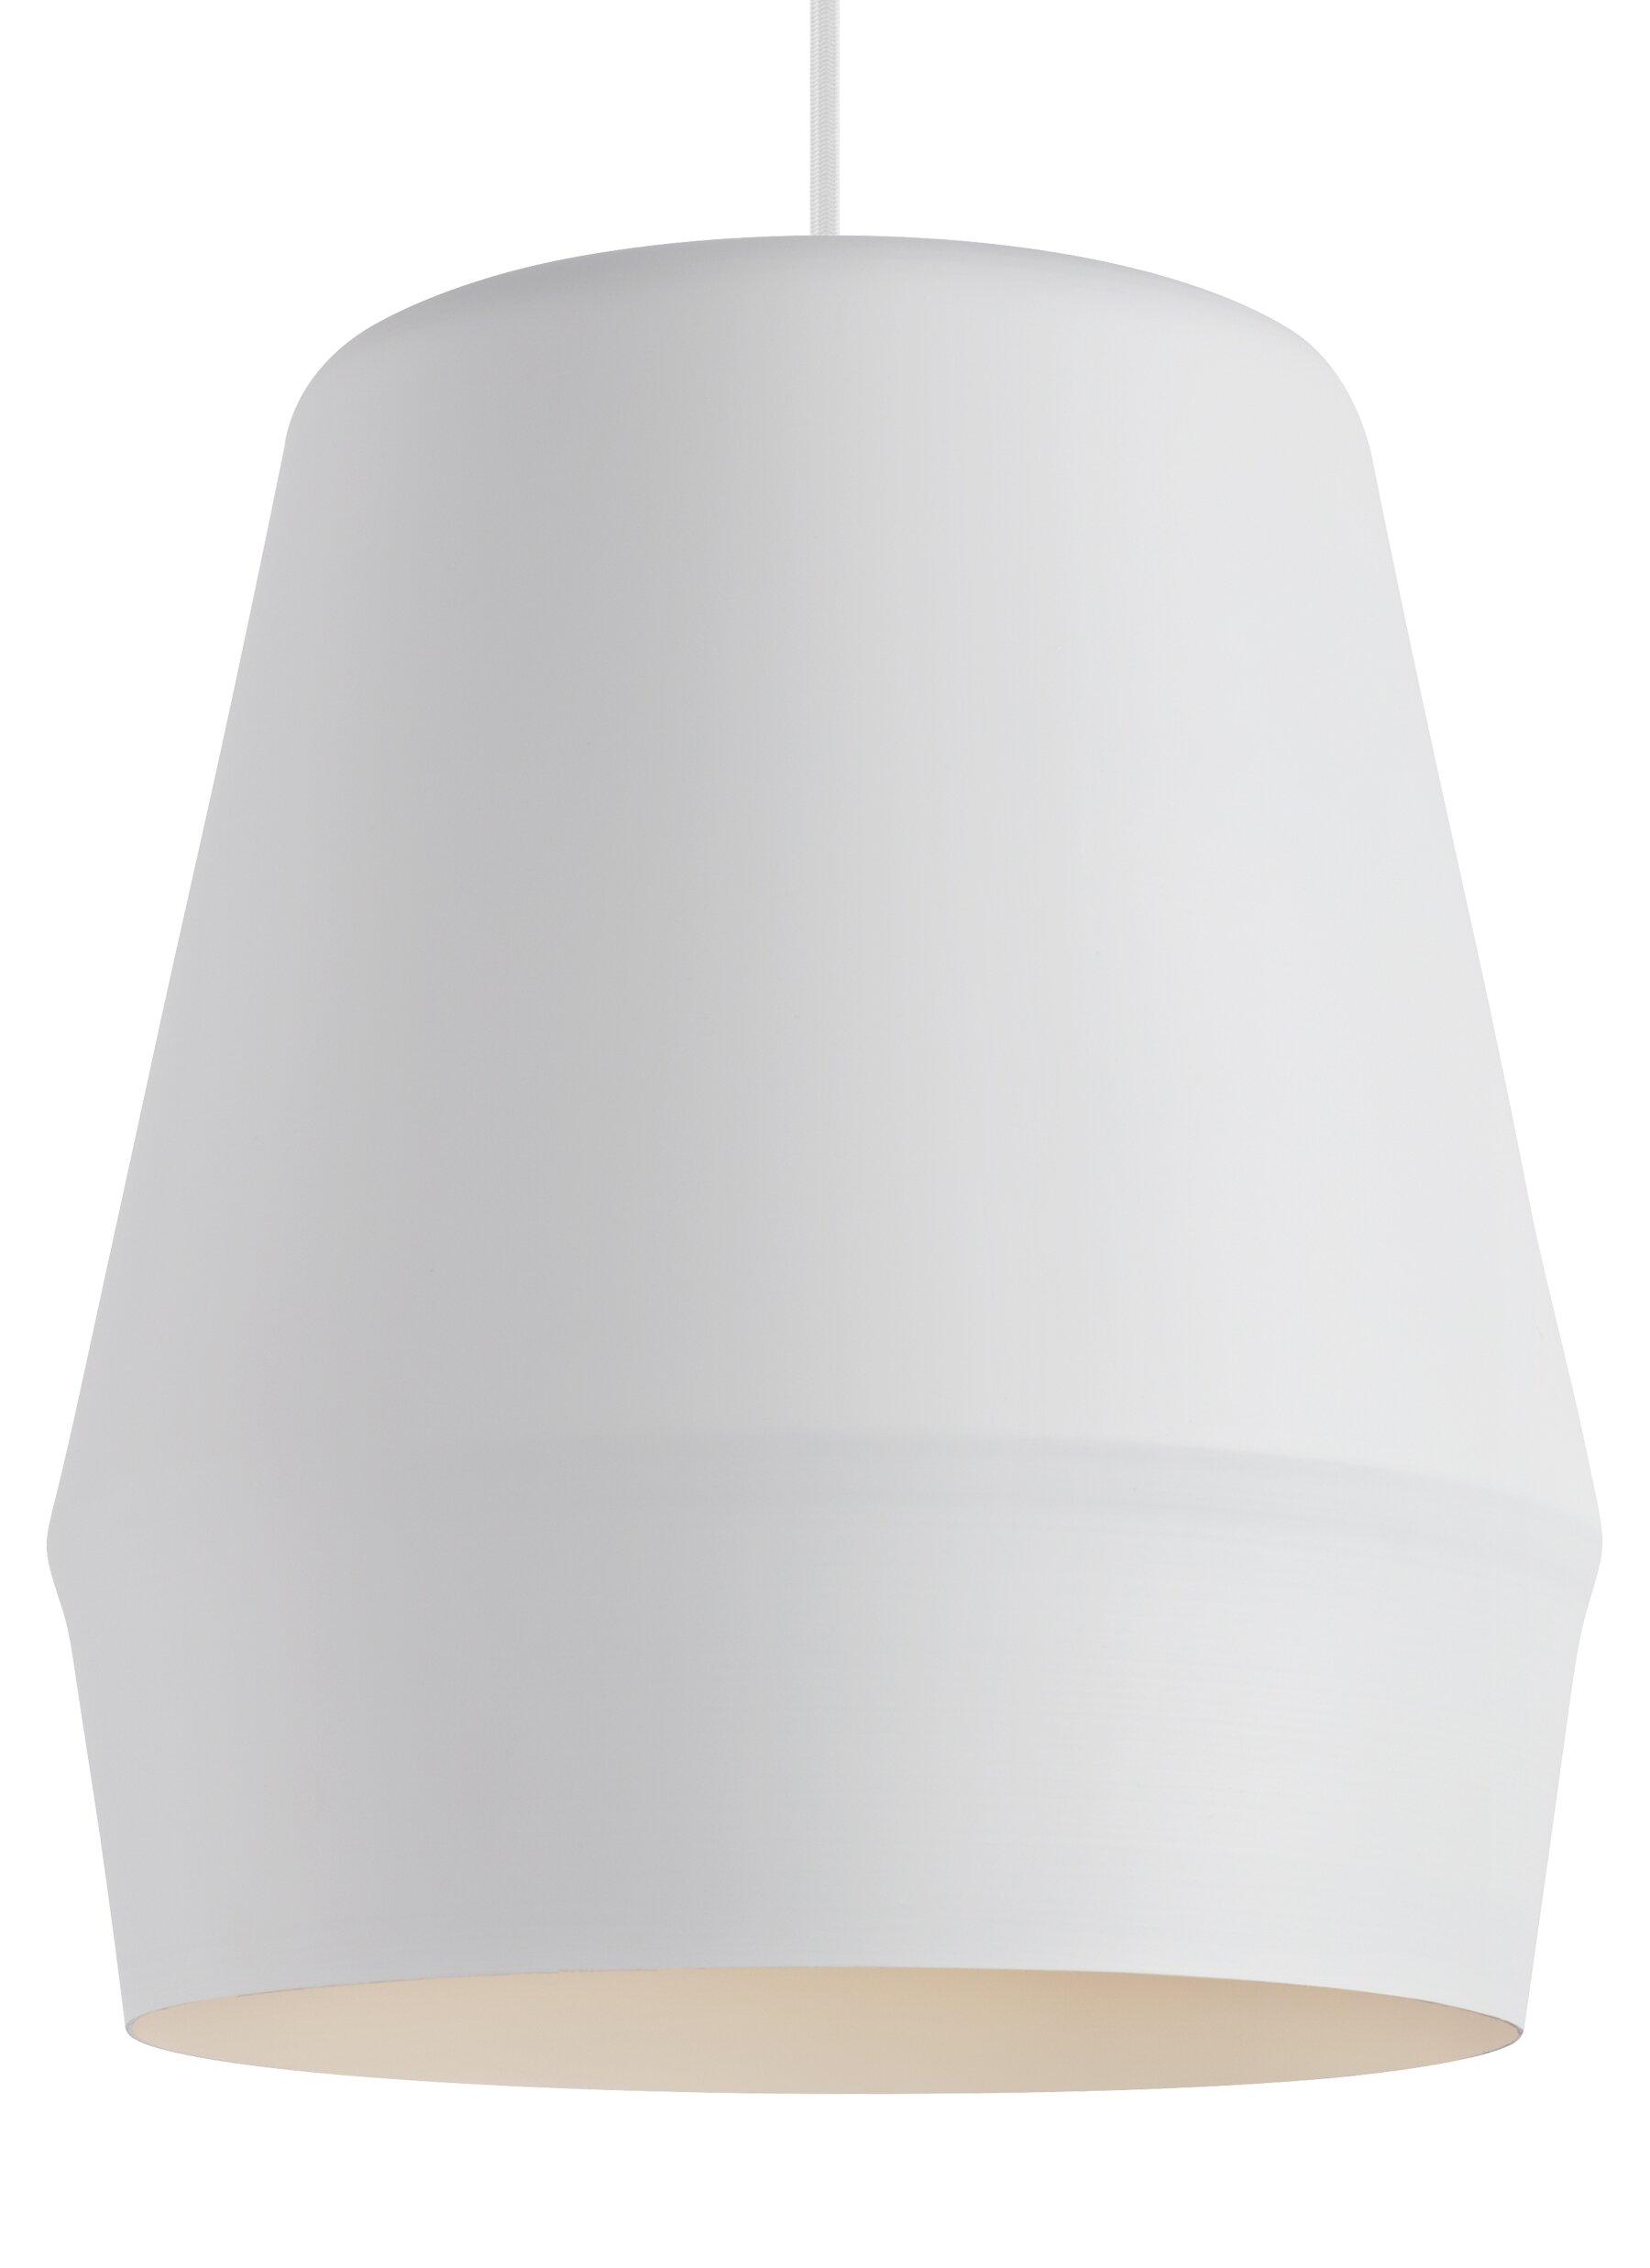 Otoole 1-Light LED Bell Pendant | AllModern